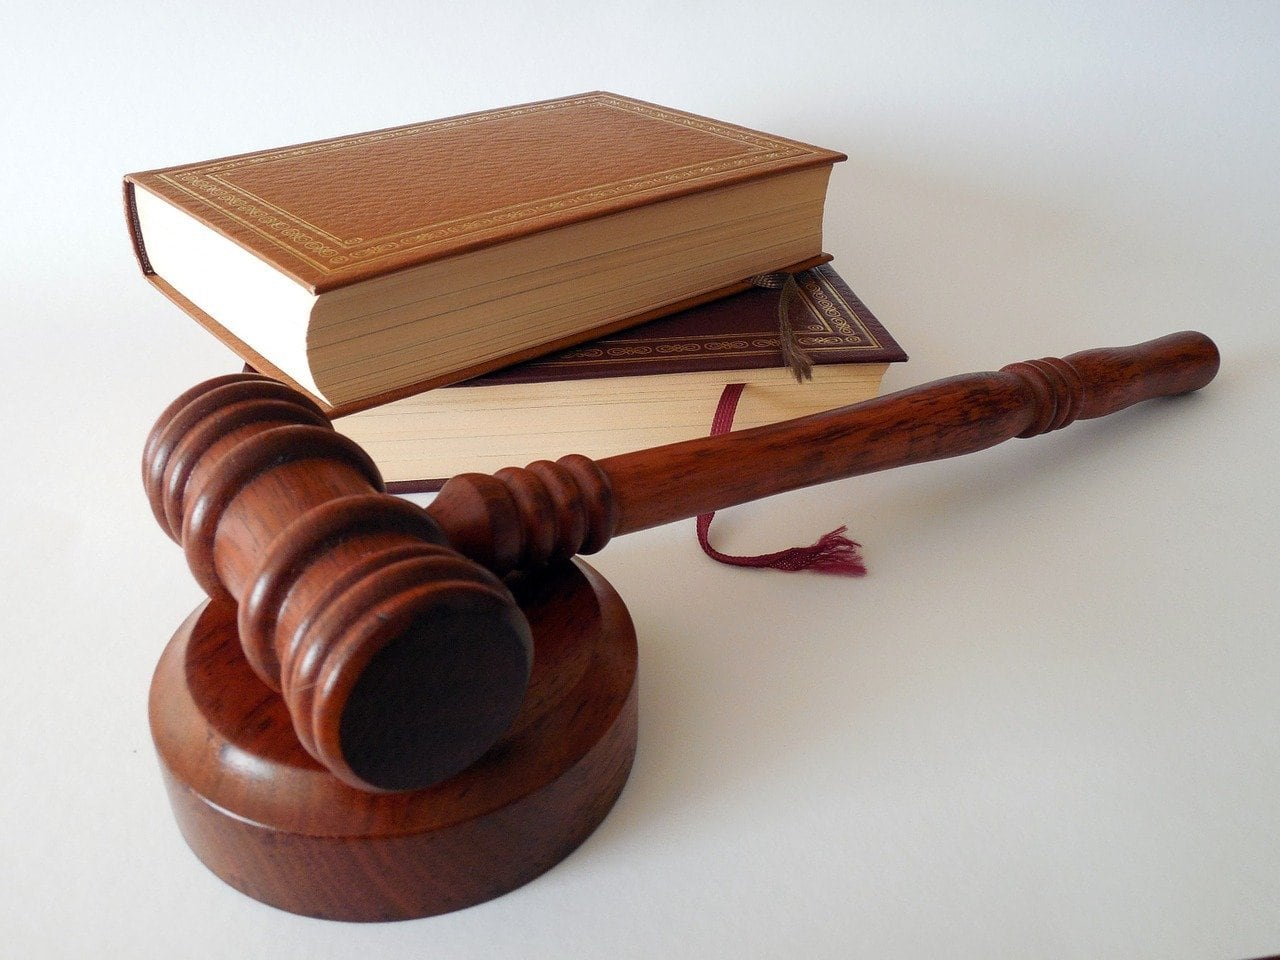 Ilmu Hukum - Jurusan Favorit di UNAIR Surabaya dan Paling Banyak Peminat Universitas Airlangga